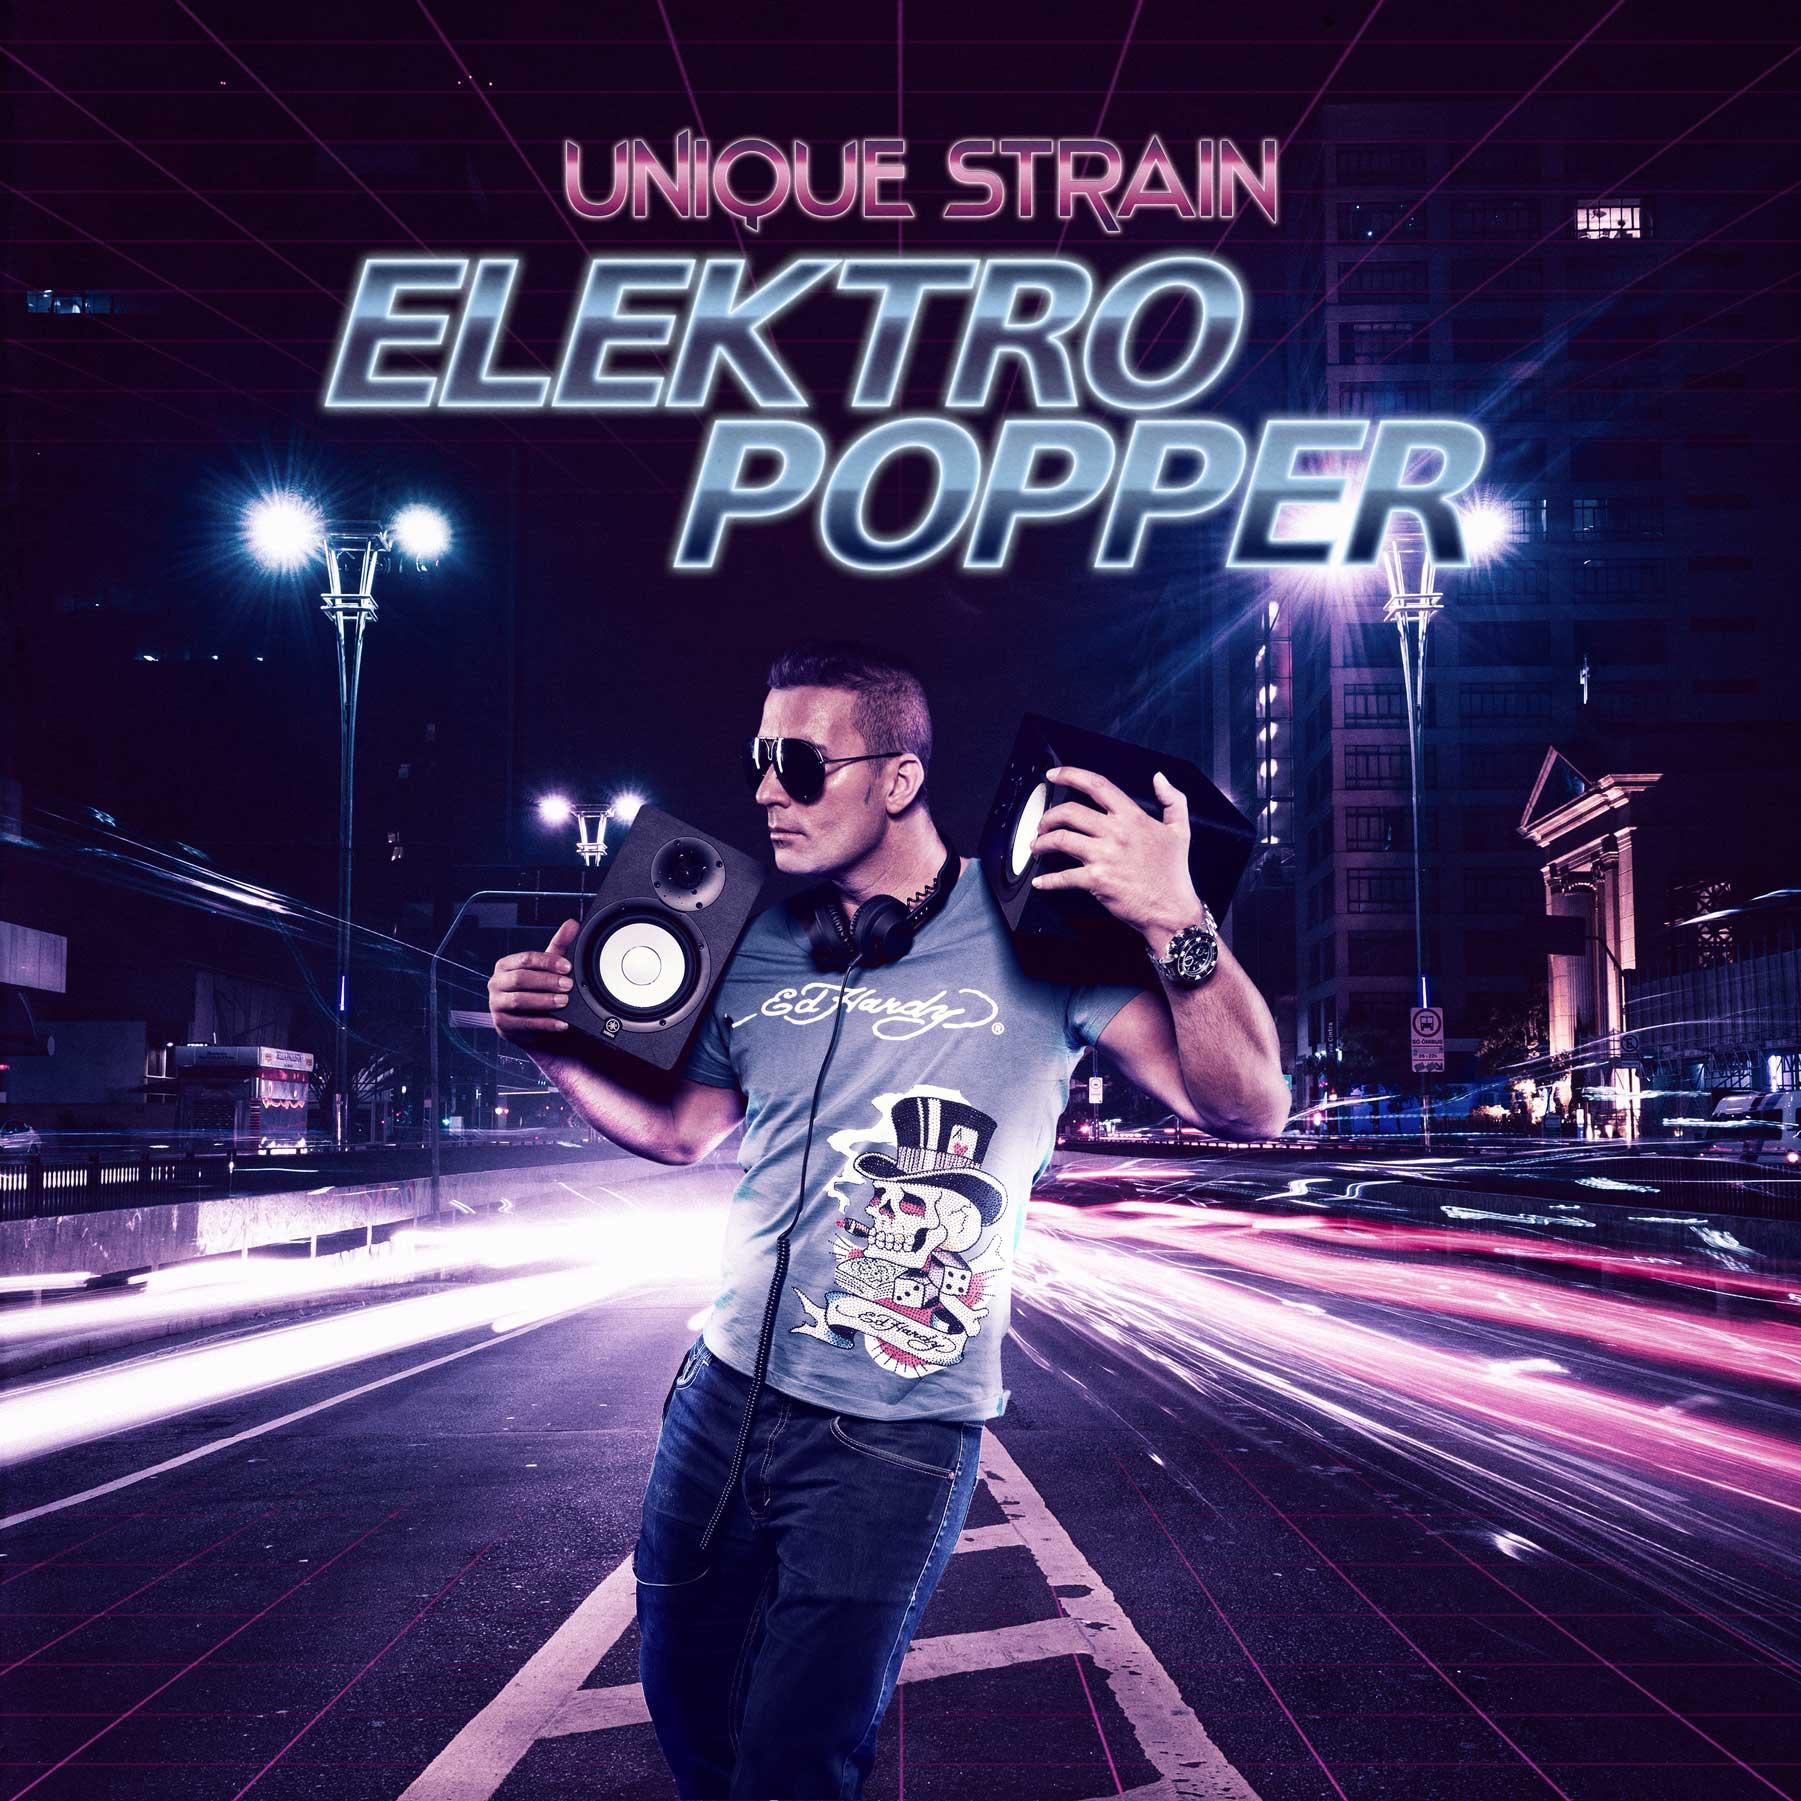 Unique Strain – Elektropopper - Unique Strain – Elektropopper